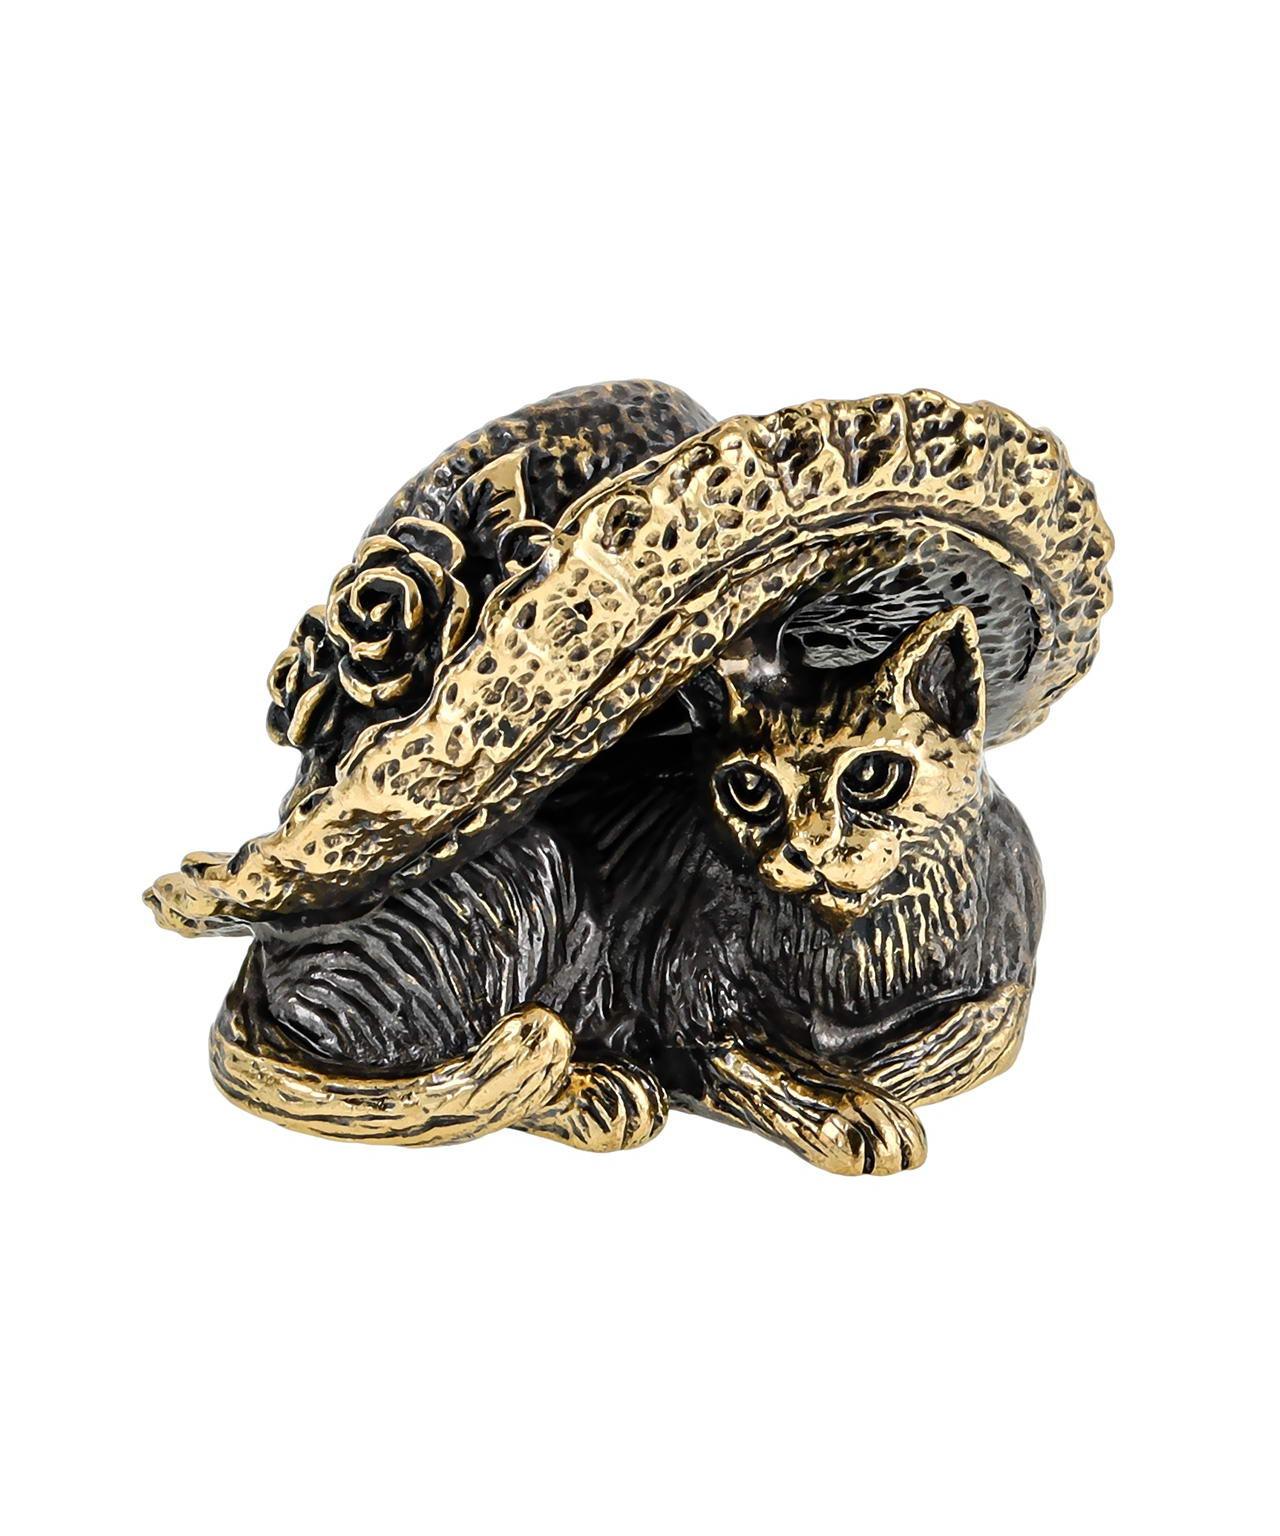 Кошка под Шляпой без подставки 2716.1